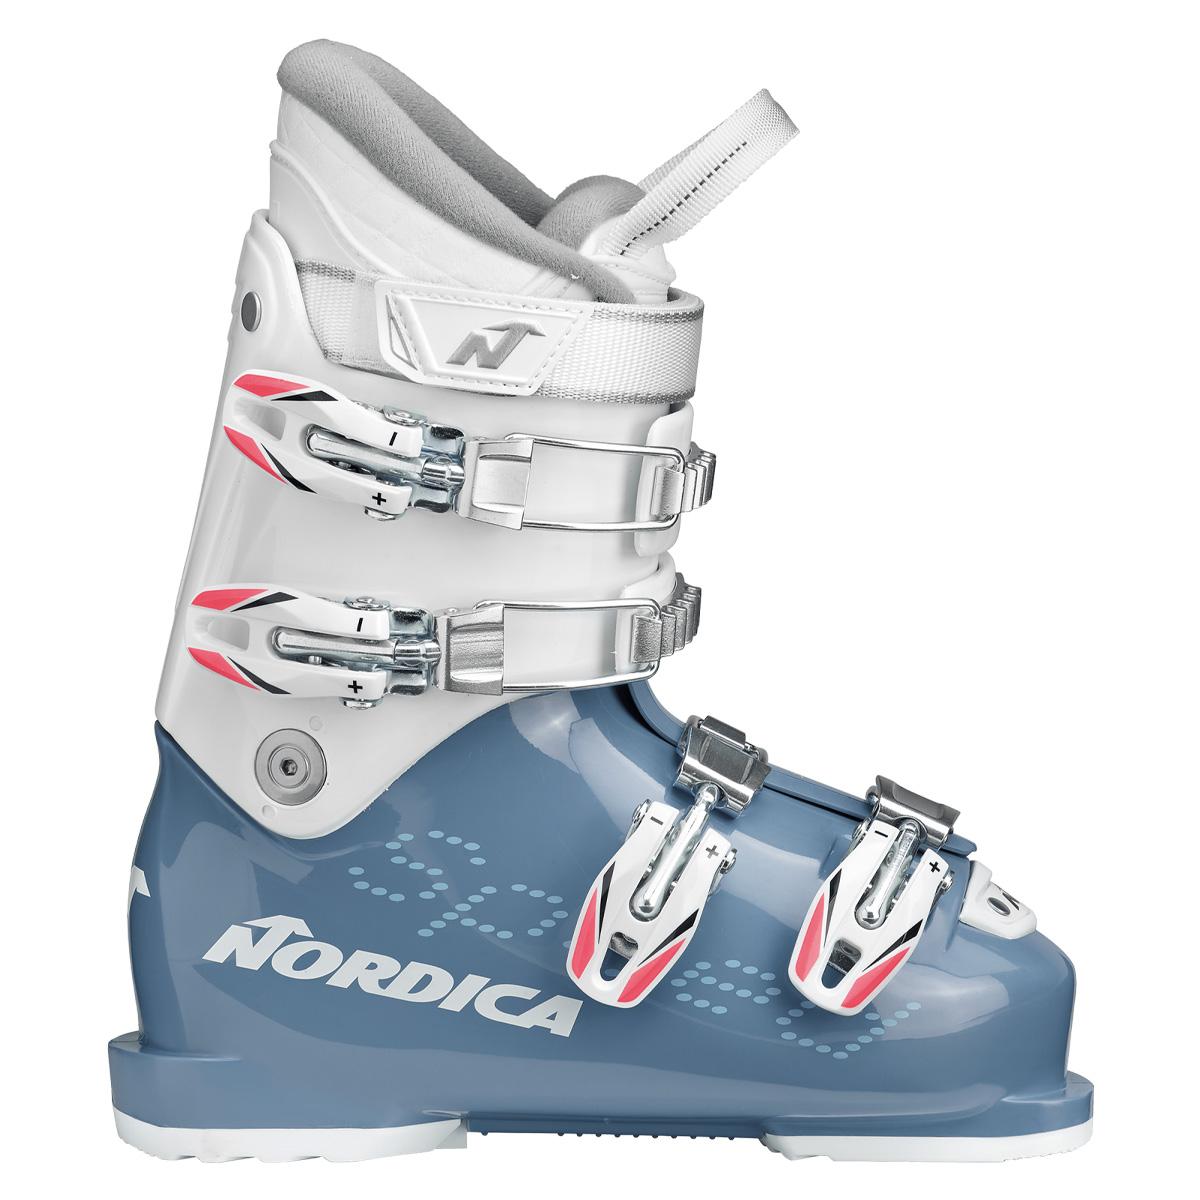 Scarponi sci Nordica Speedmachine J 4 Girl (Colore: azzurro-bianco, Taglia: 21.5)